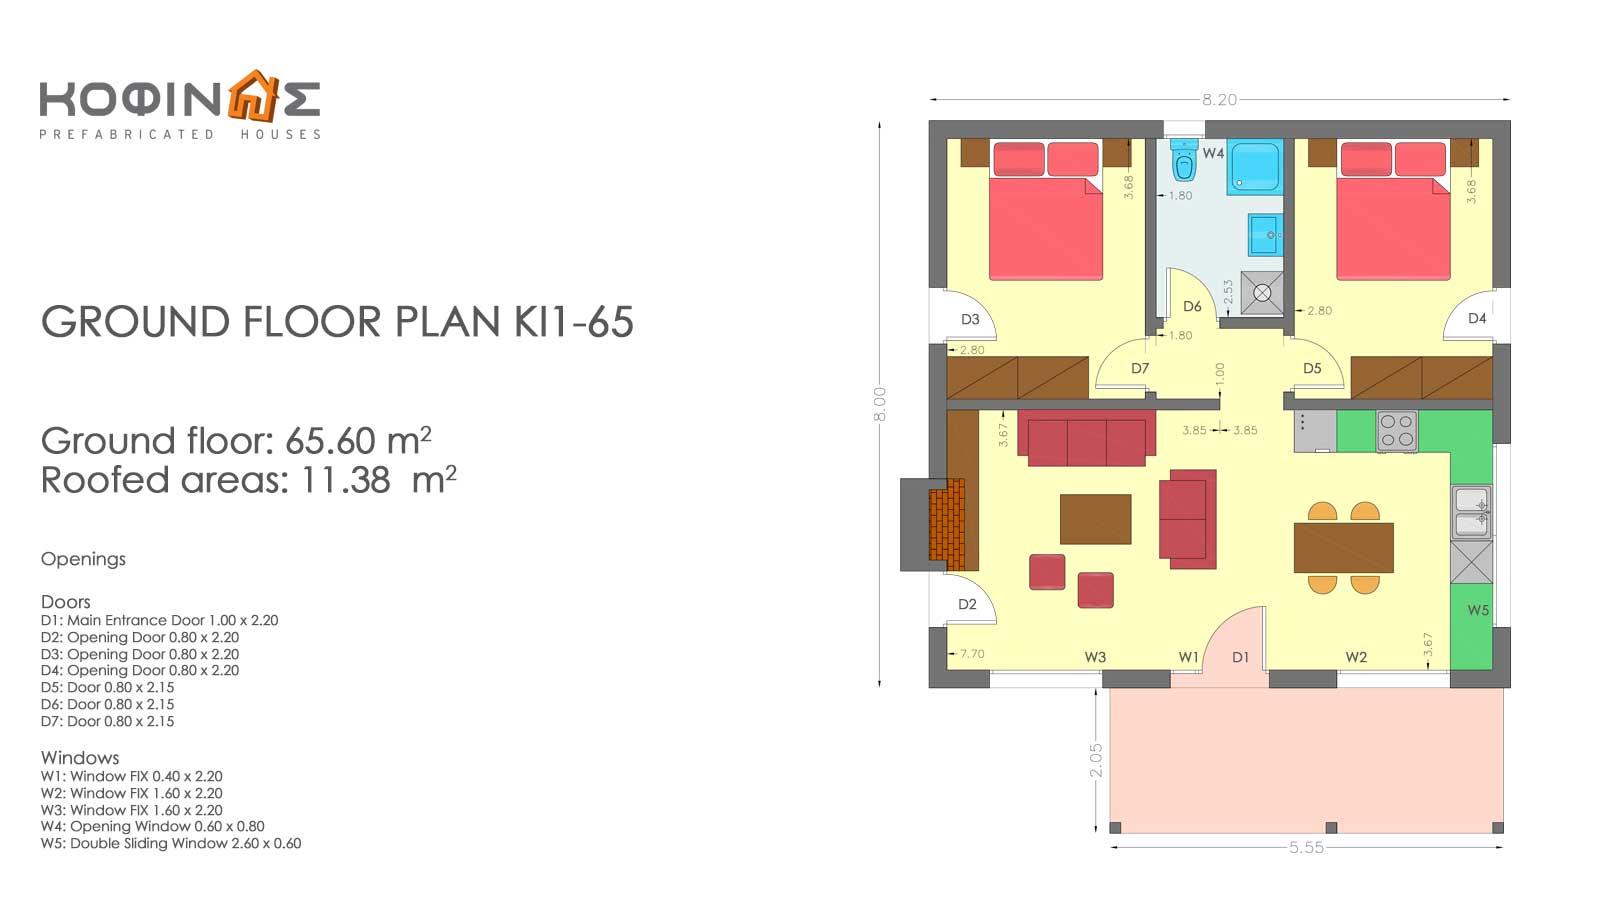 Single story house, KI1-65 (65,60 m²) – Price: 51.200€